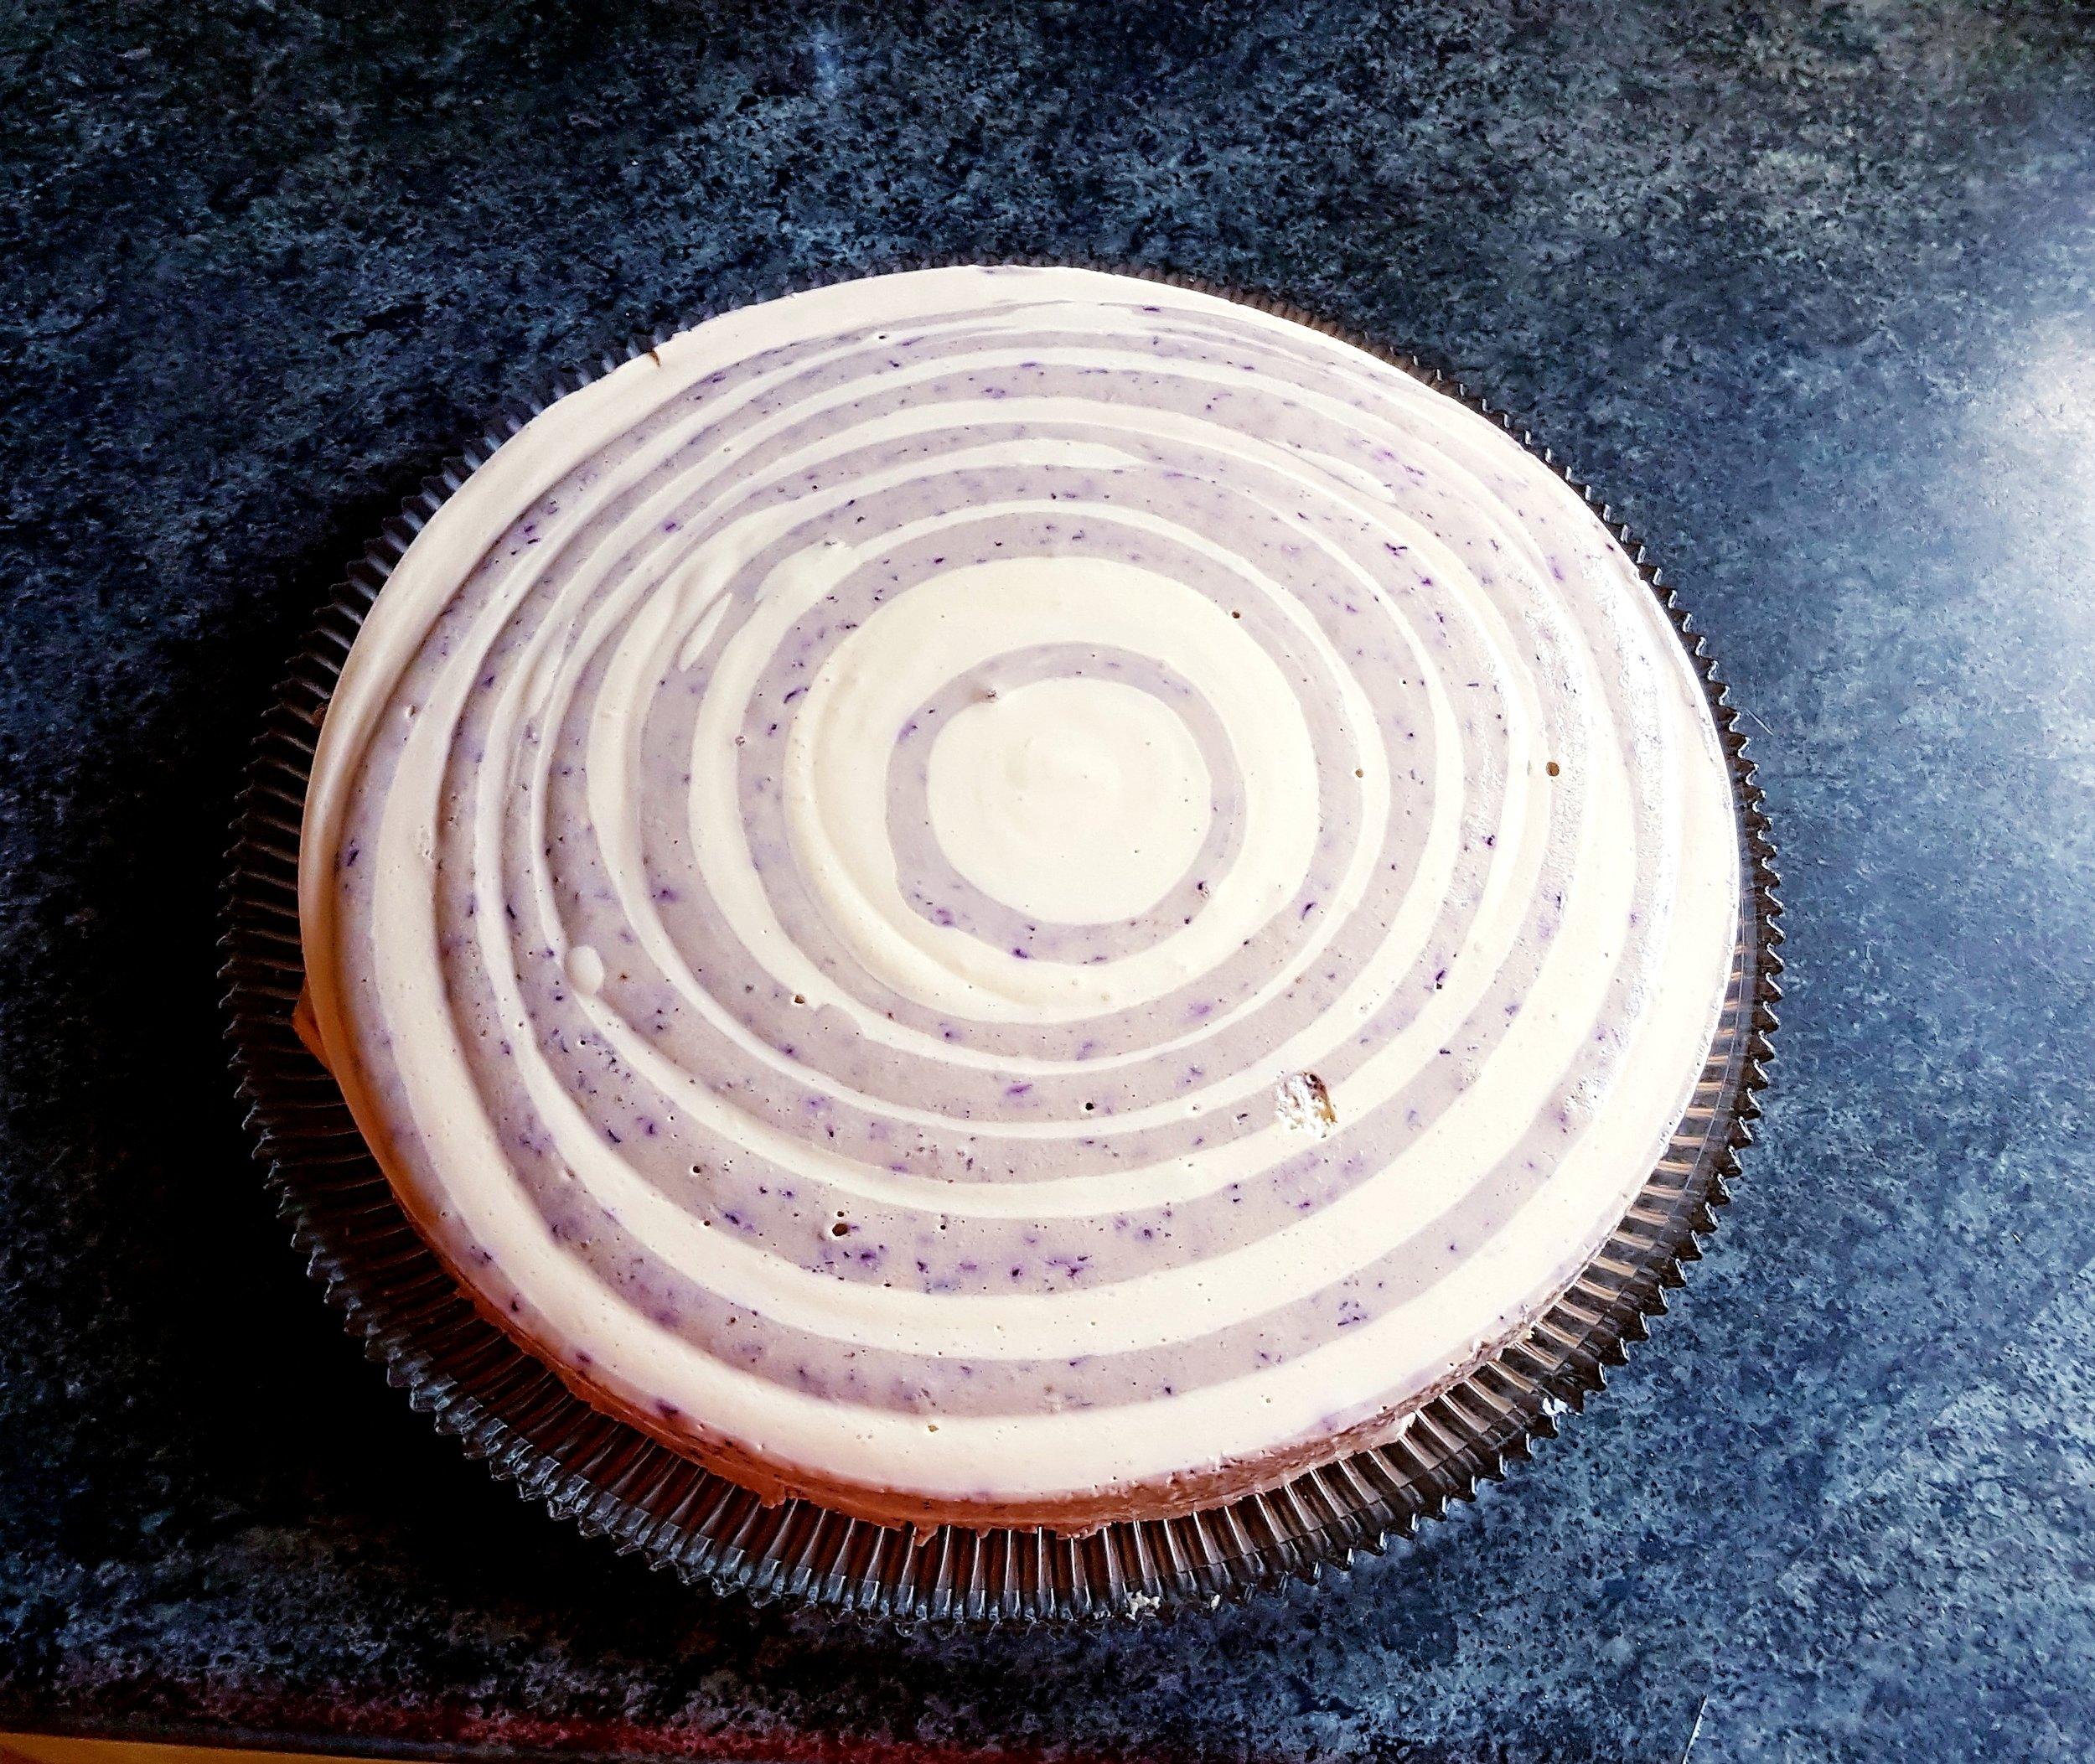 Zebrakuchen Joghurt-Heidelbeere.jpg